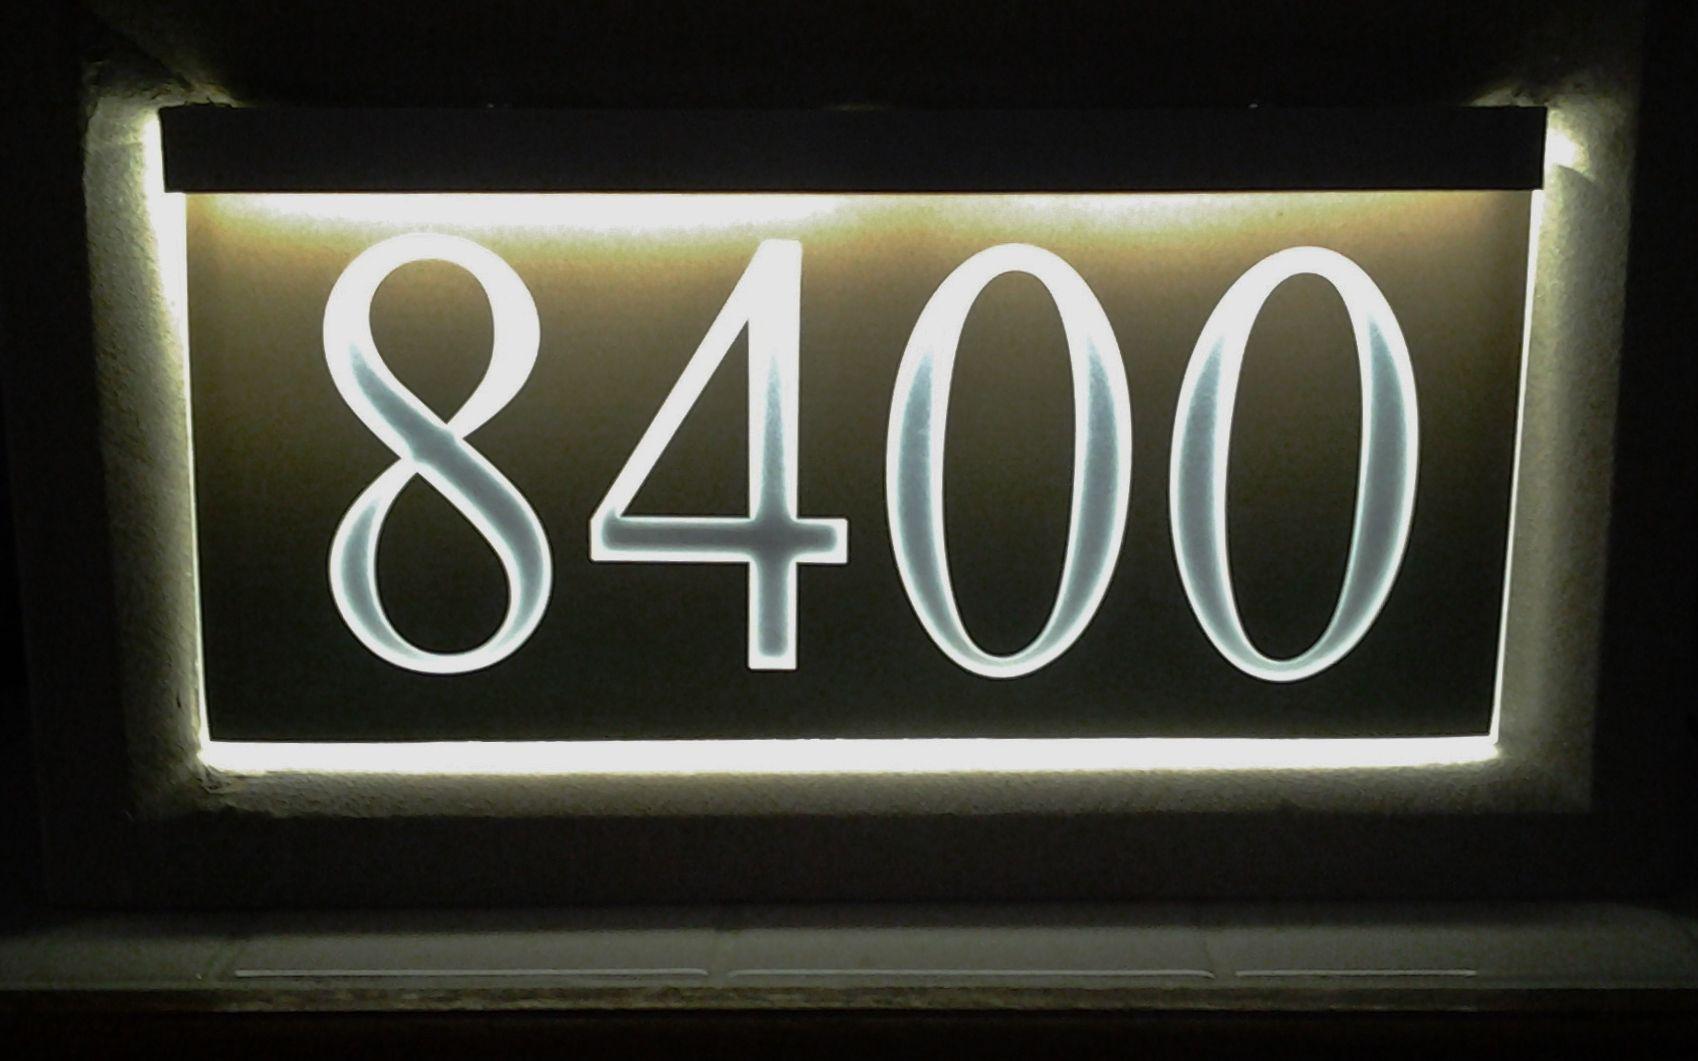 12v led address sign custom printed modern 3d style